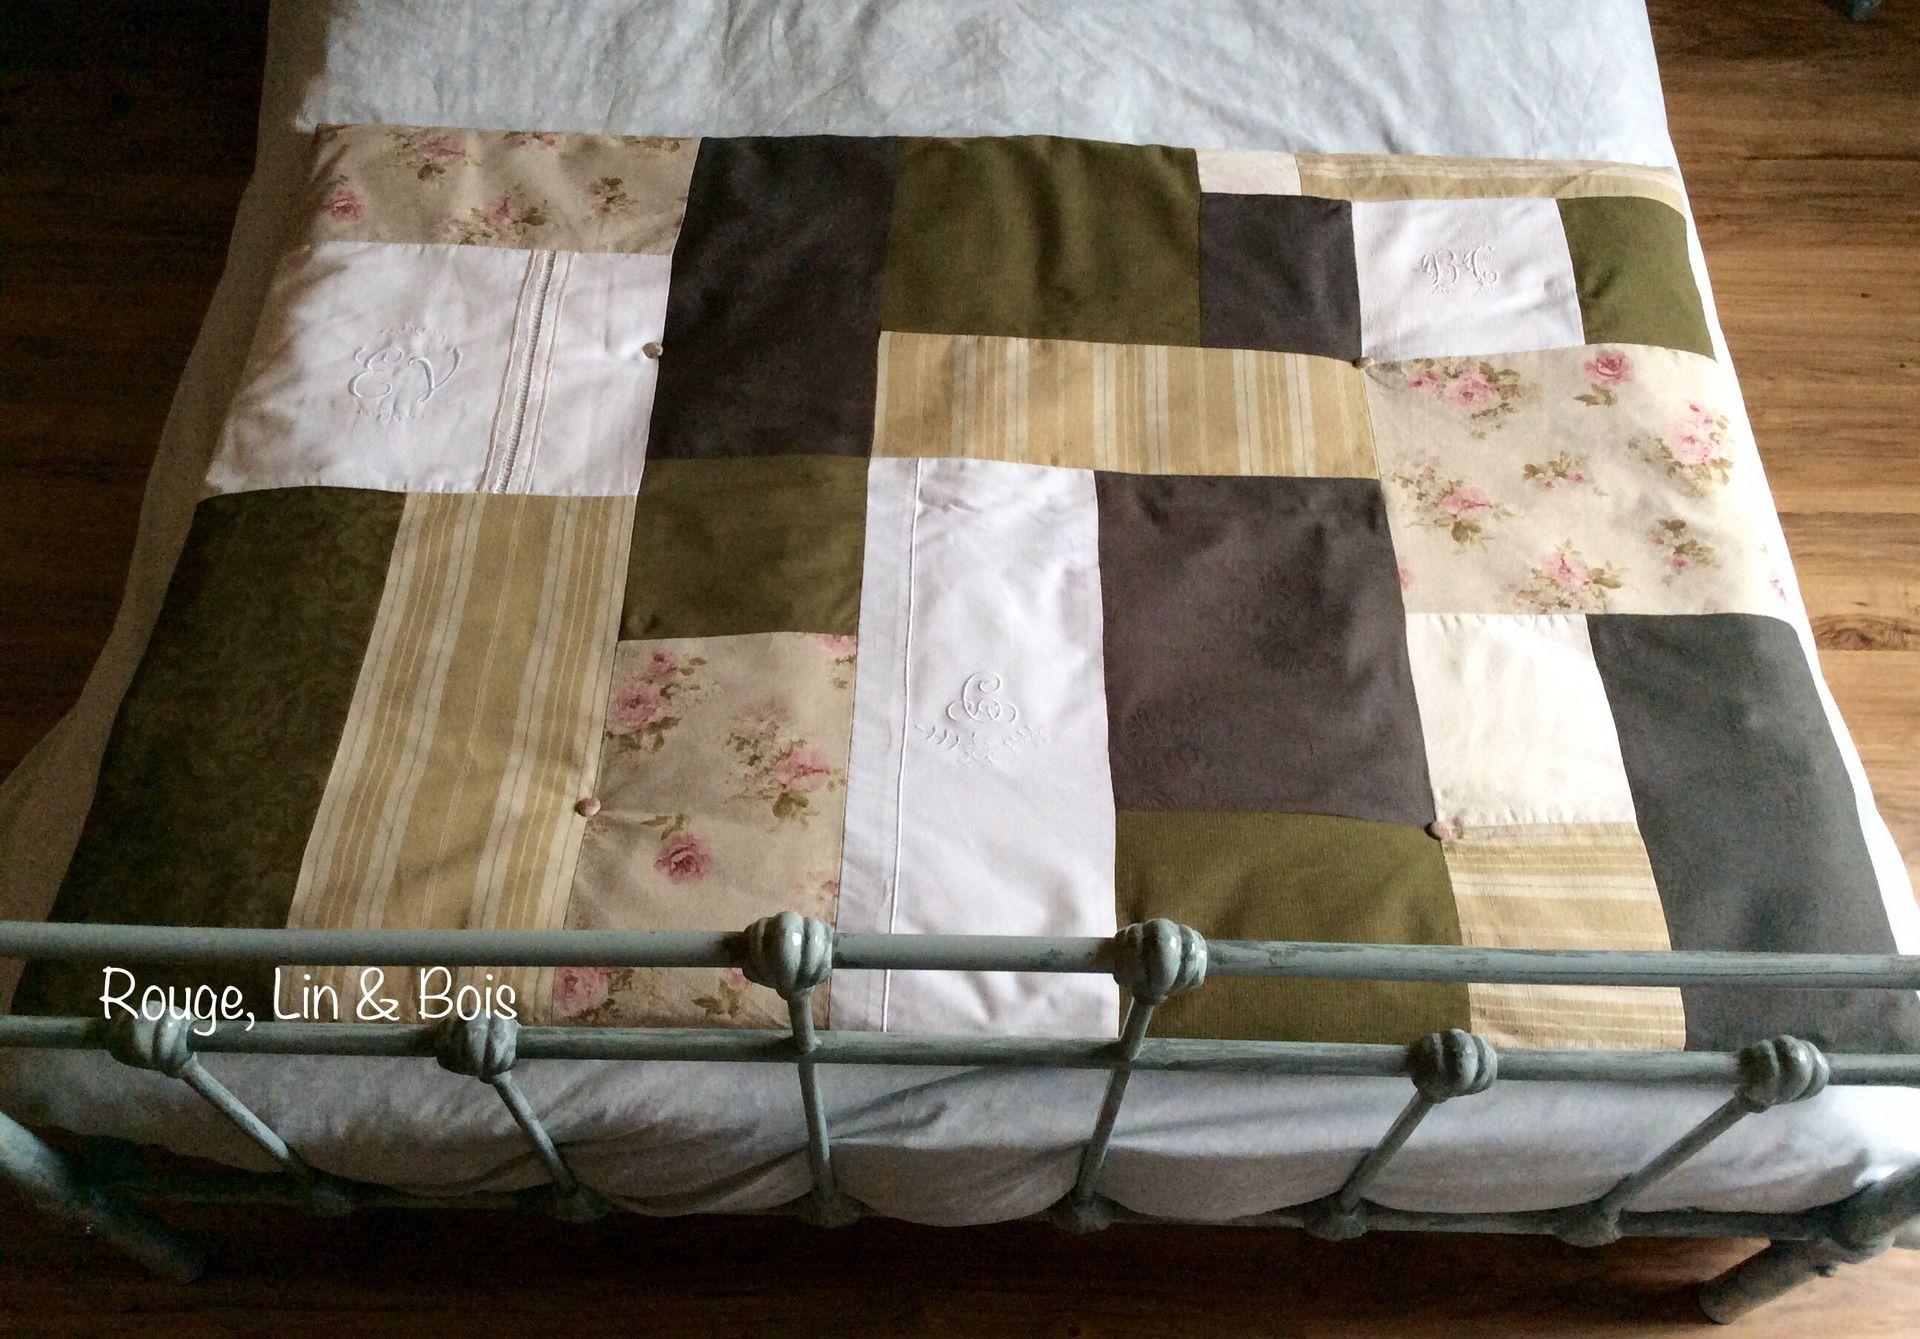 dredon couette bout de lit patchwork shabby en coton fleuri toile matelas coton damass gris. Black Bedroom Furniture Sets. Home Design Ideas